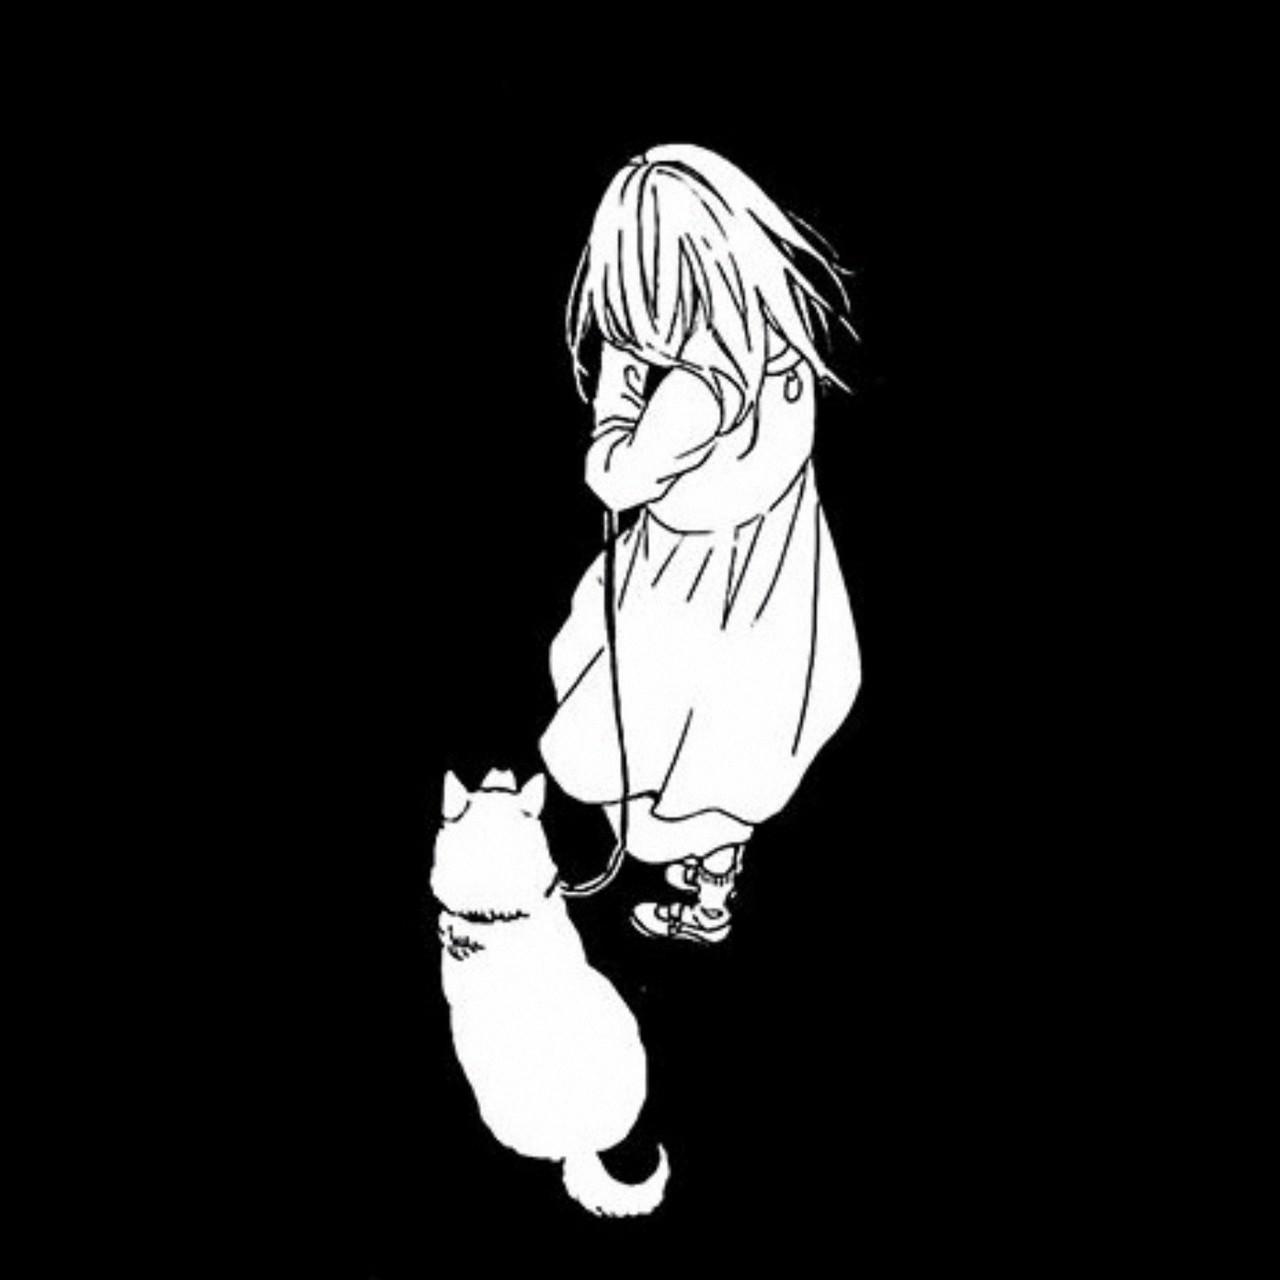 Hình Anime trắng đen đáng yêu